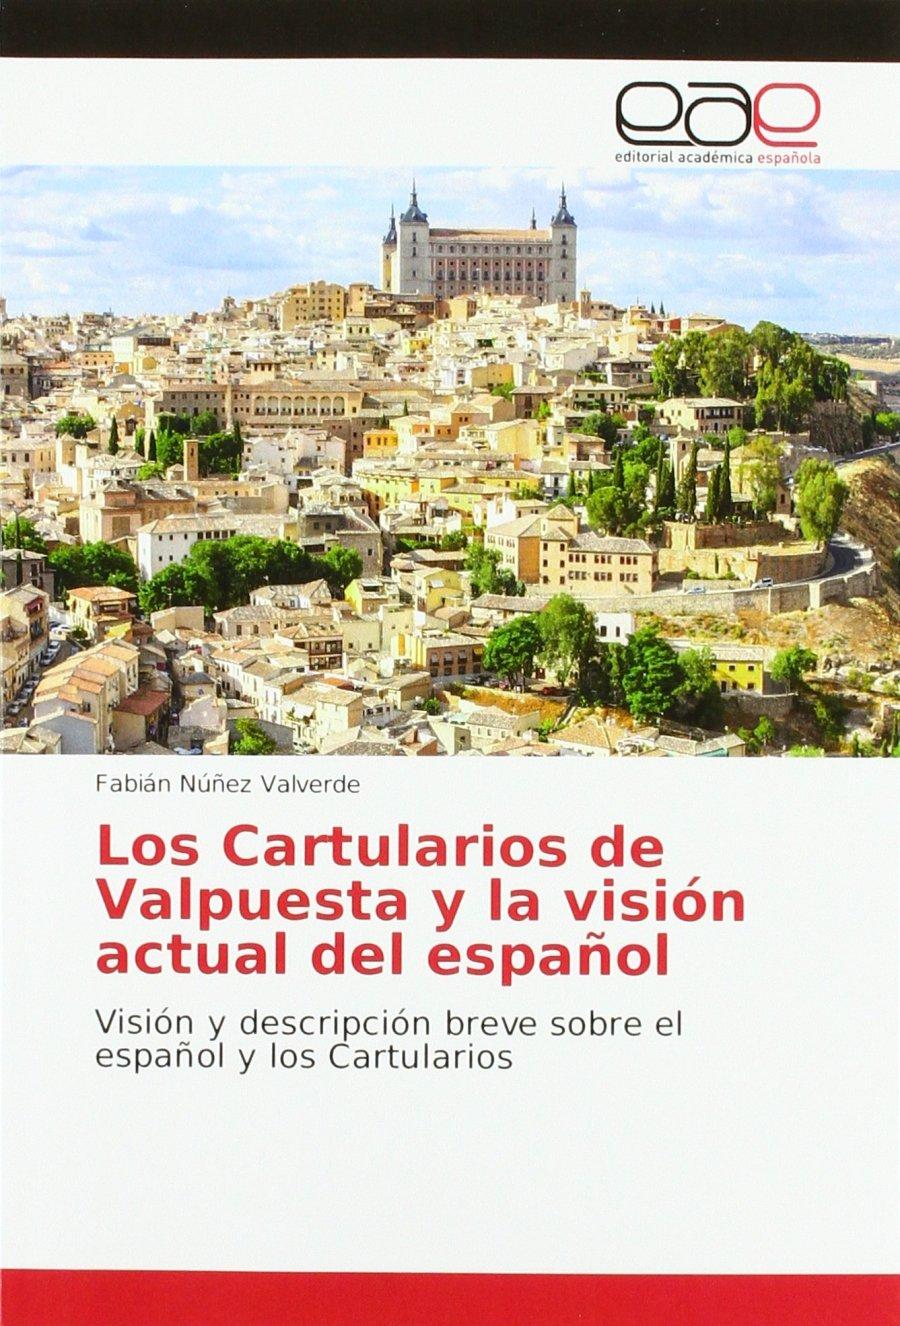 Los Cartularios de Valpuesta y la visión actual del español Book Cover